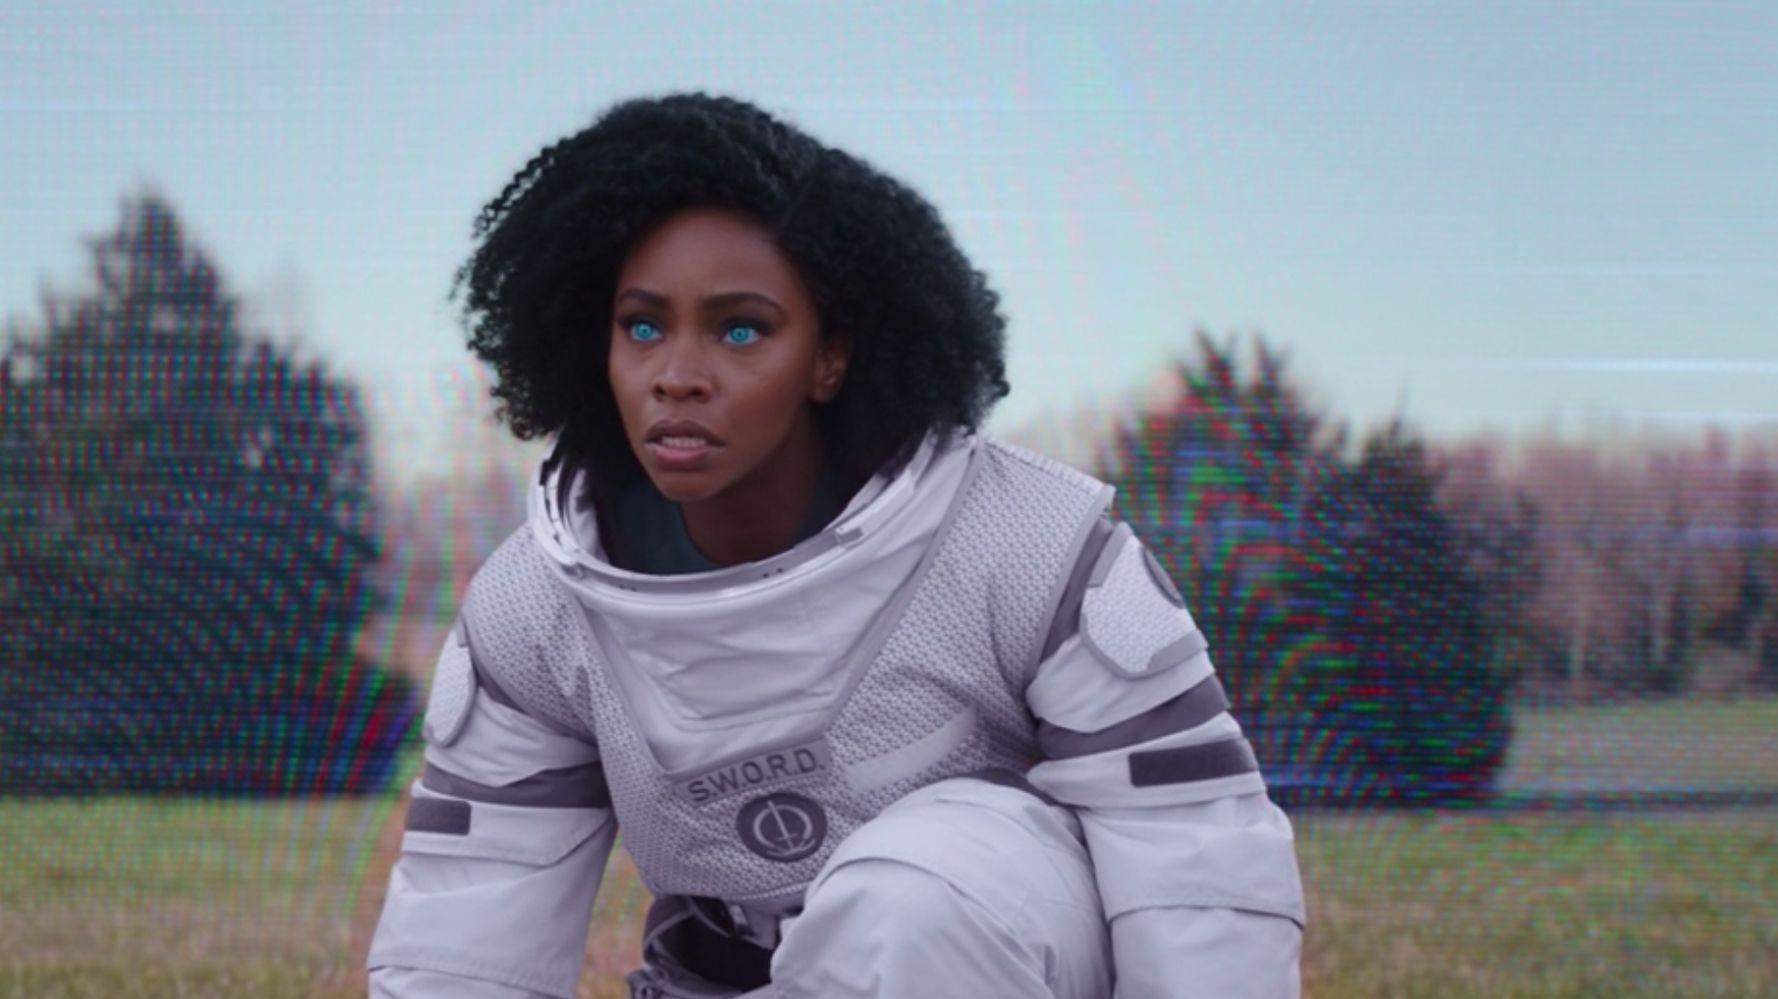 Marvel Star раскрывает, что одна сцена «WandaVision» претерпела серьезные изменения